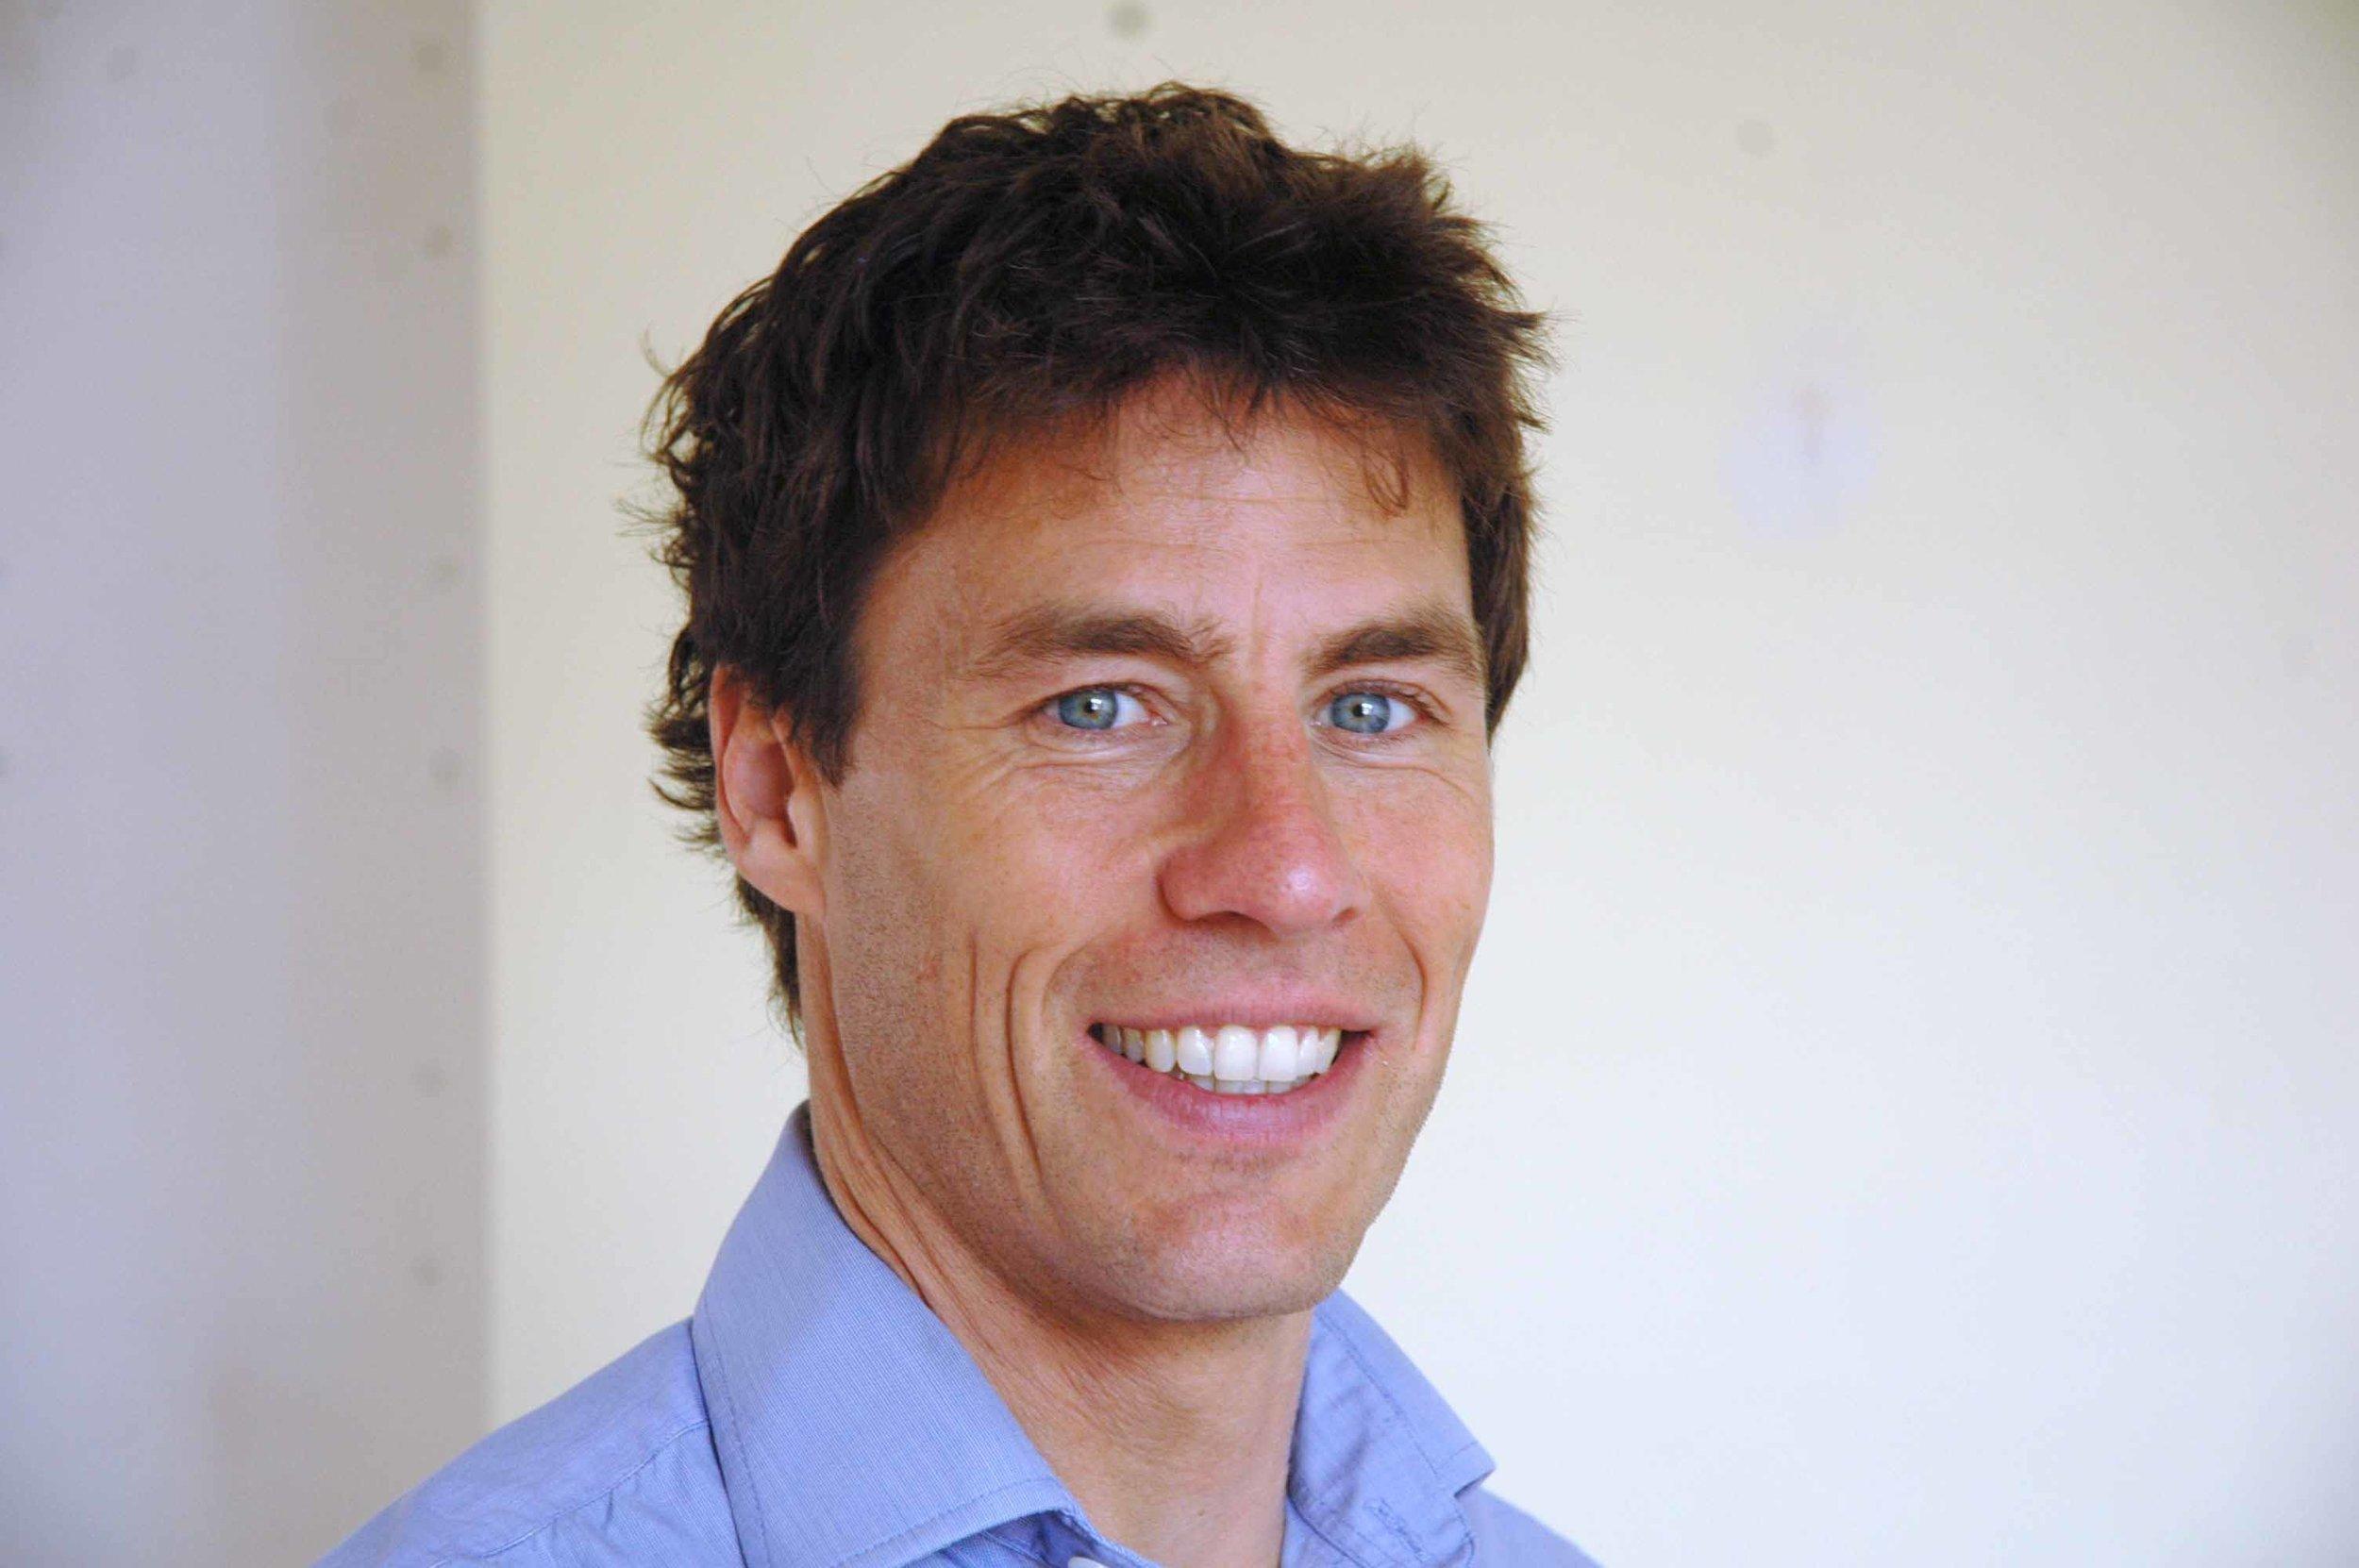 Toby Sullivan Physiotherapist.jpg